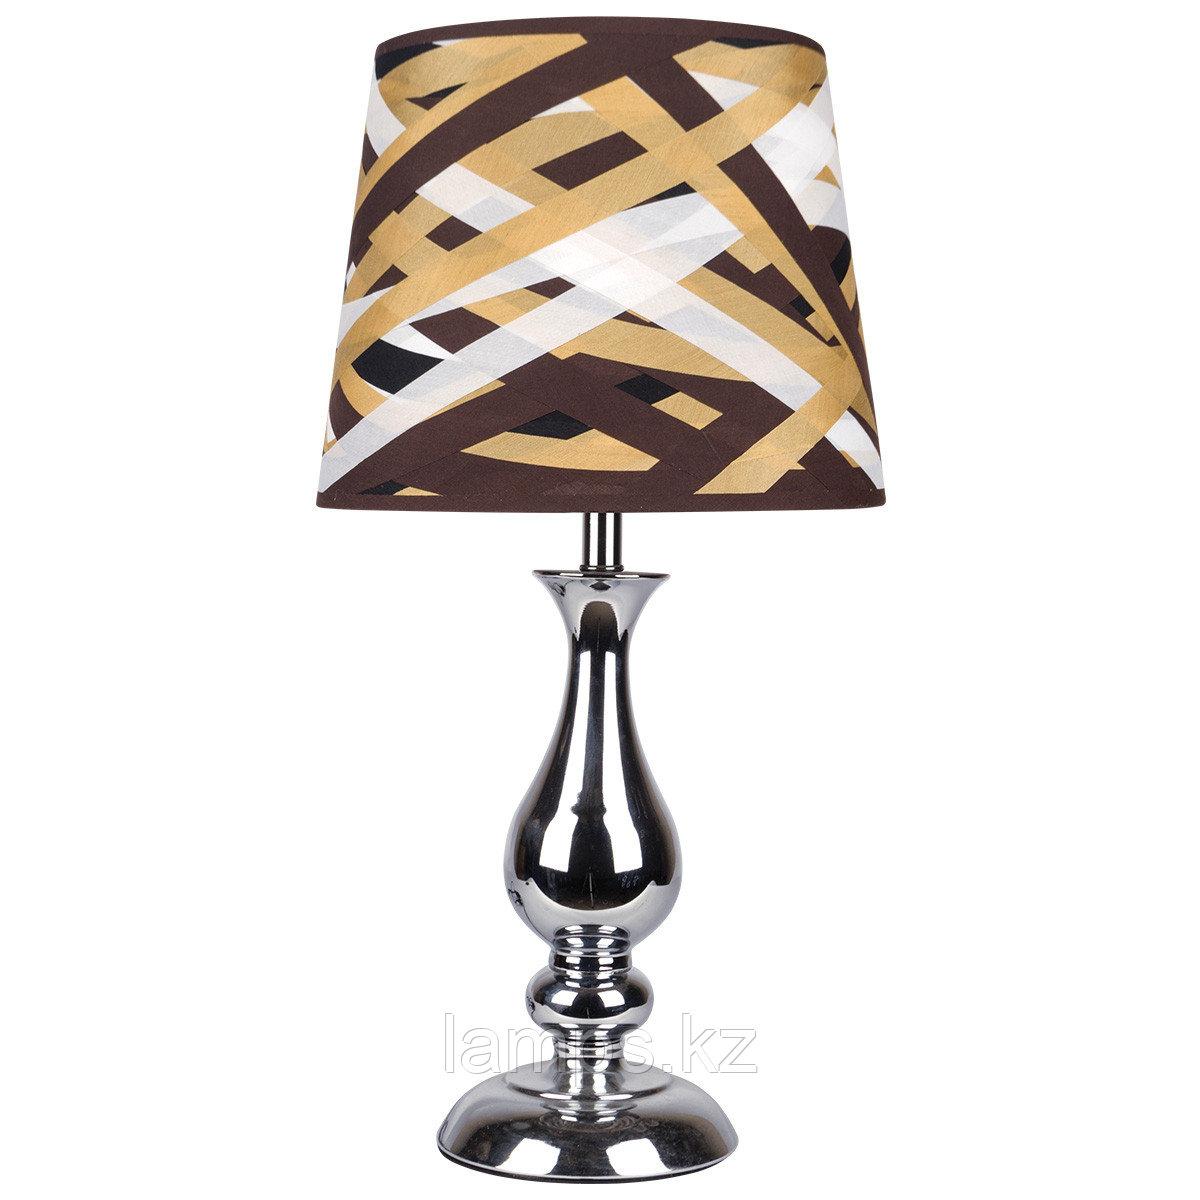 Настольная лампа T0003 FABRIC Silver